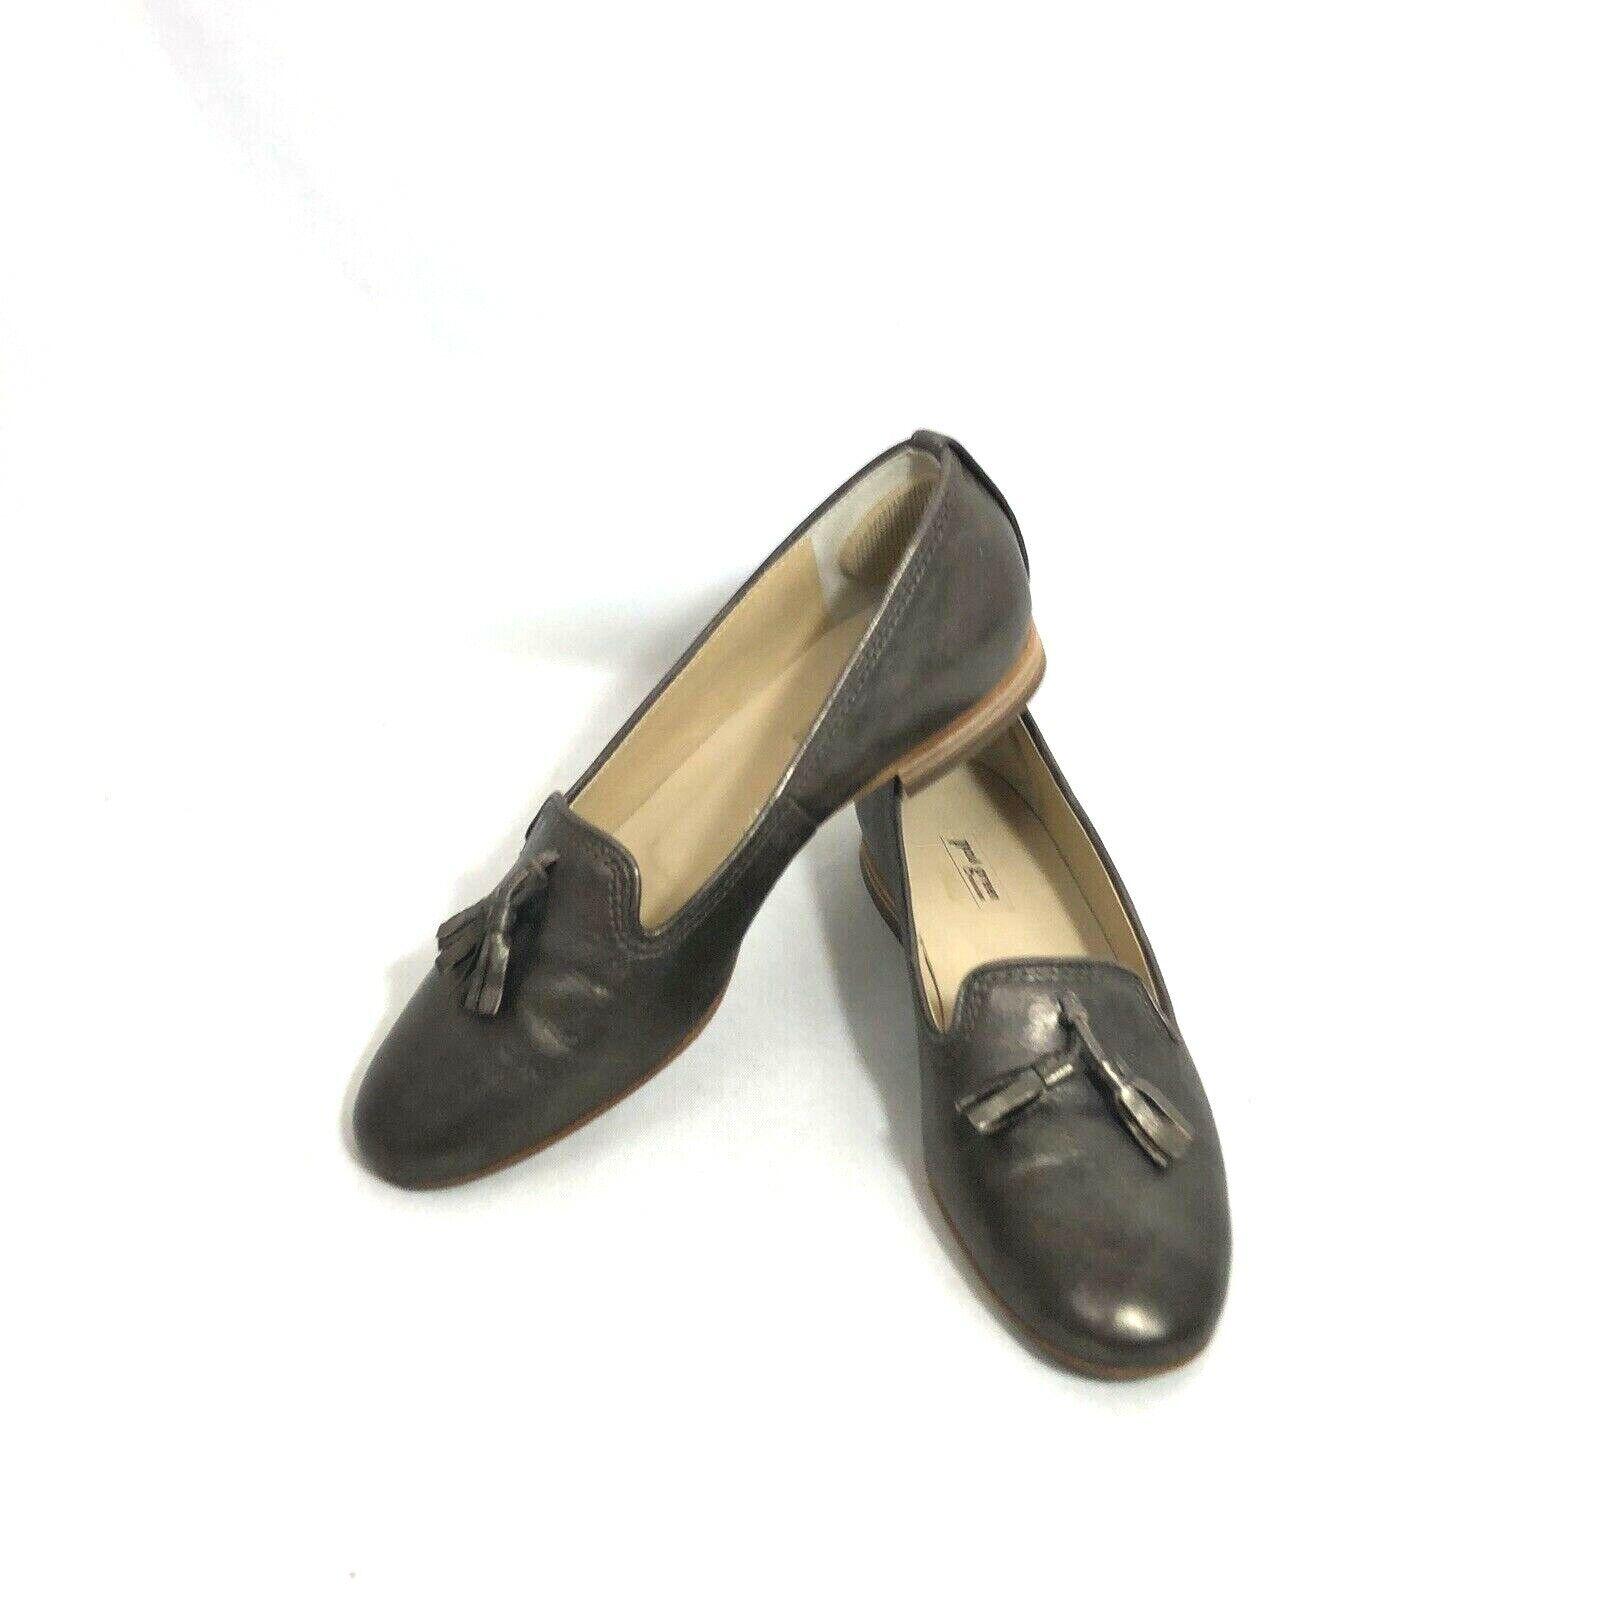 Paul vert Femme 6.5 us chaussures Flats Tassel Cuir Bronze UK 4